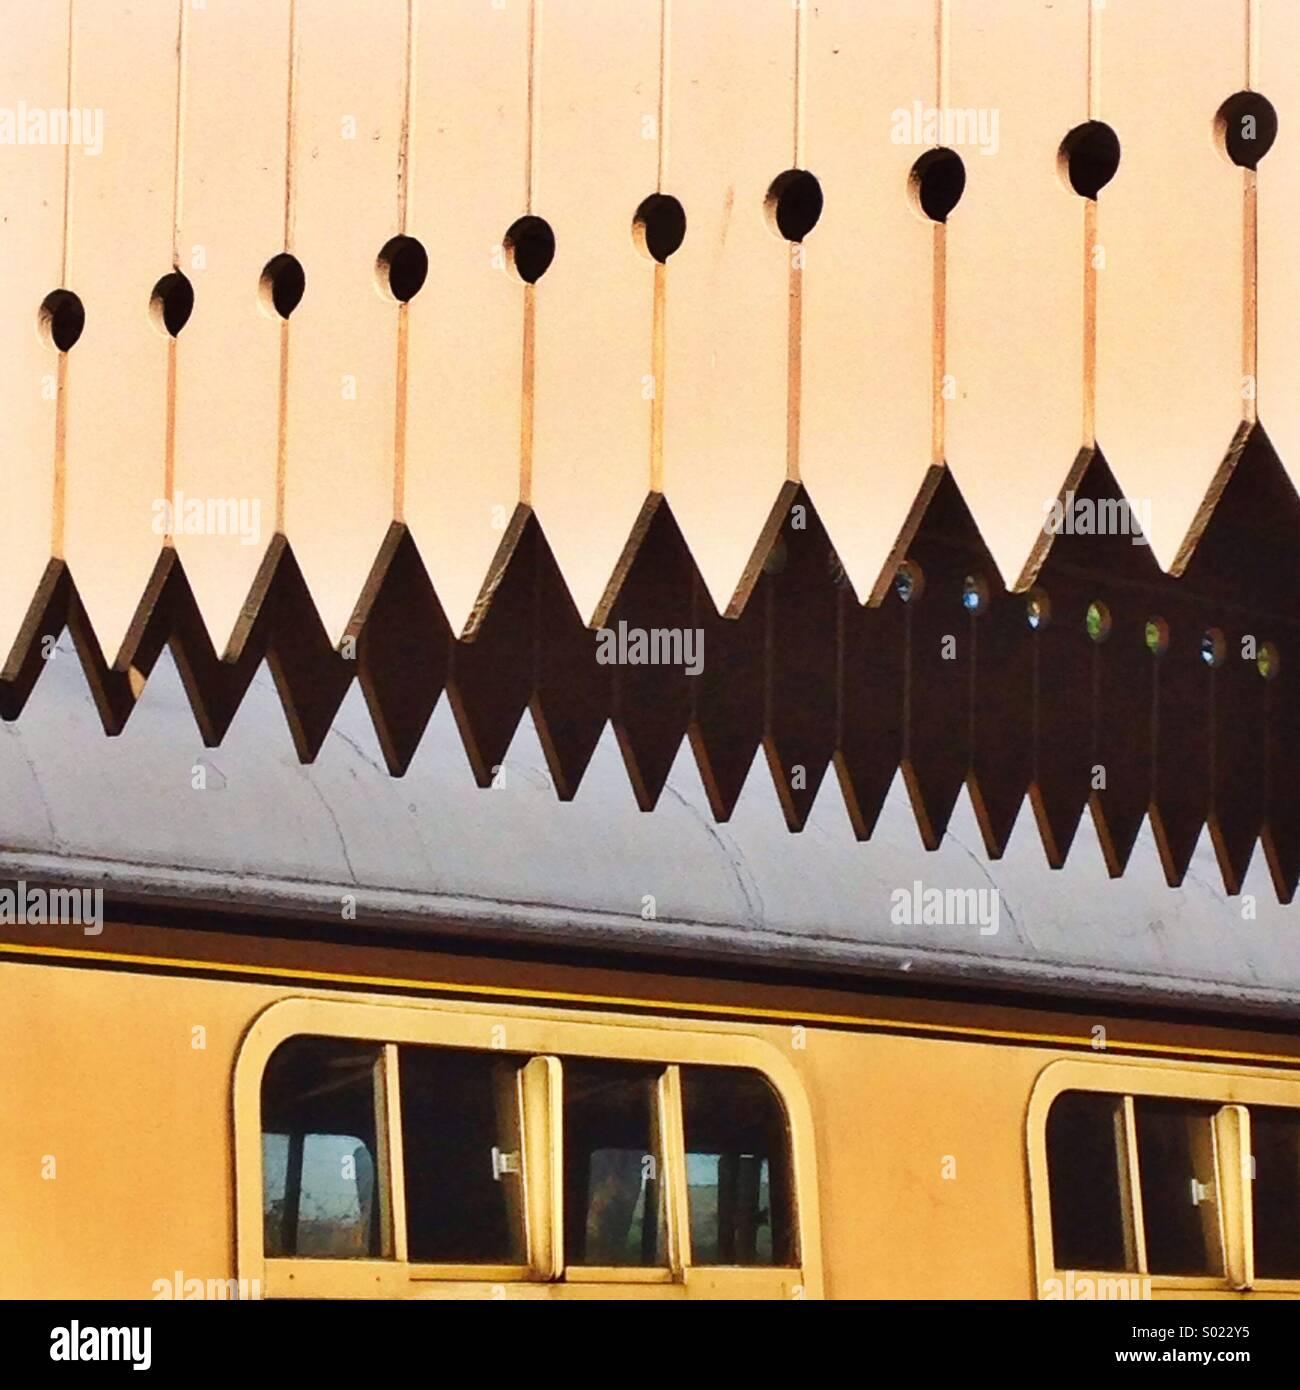 Forme astratte sul patrimonio piattaforma ferroviaria Immagini Stock